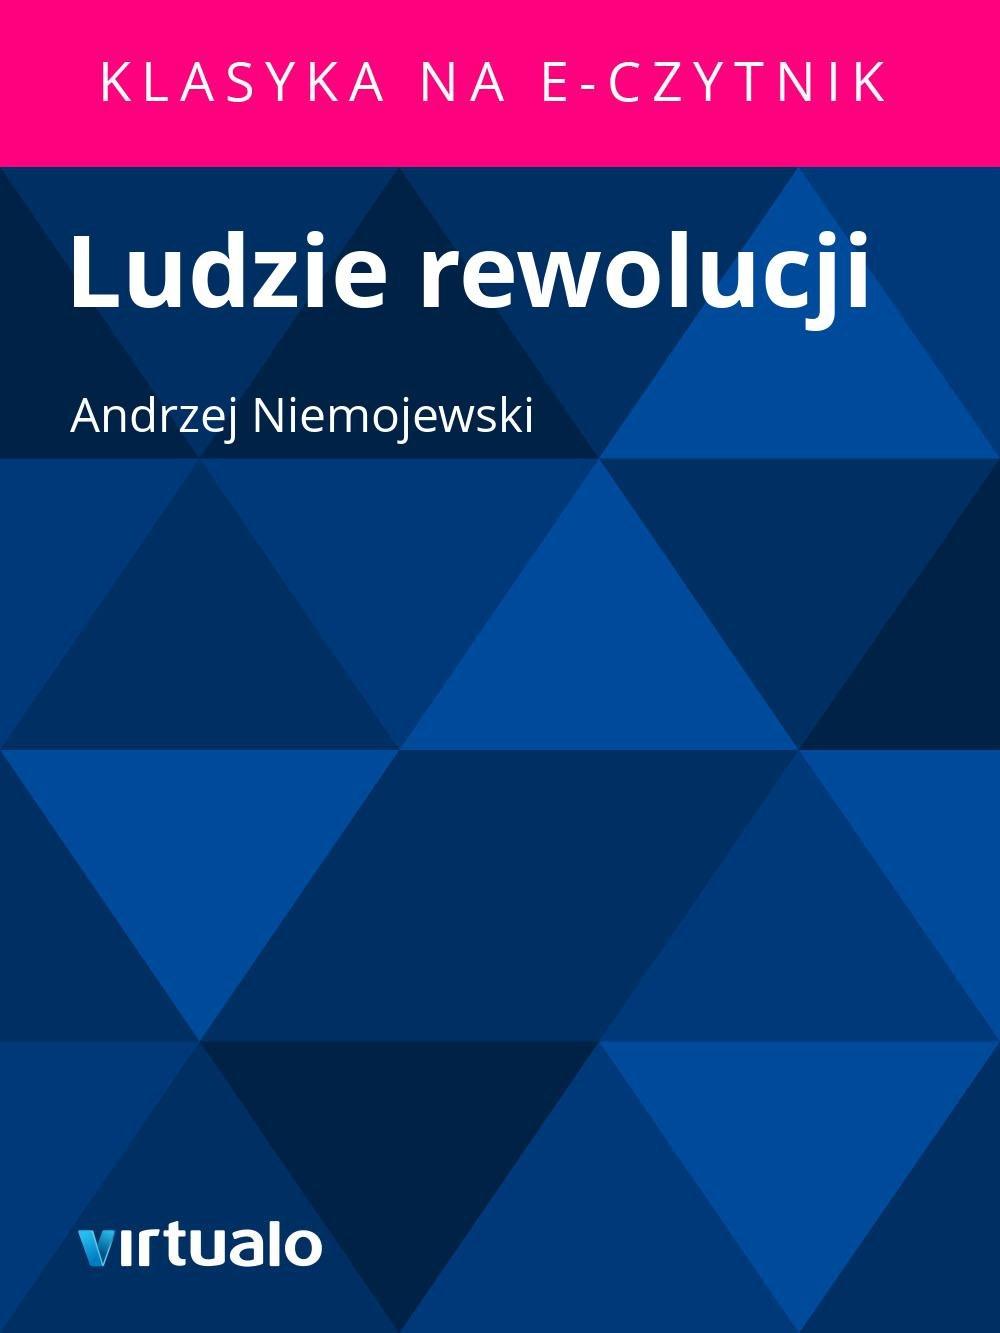 Ludzie rewolucji - Ebook (Książka EPUB) do pobrania w formacie EPUB